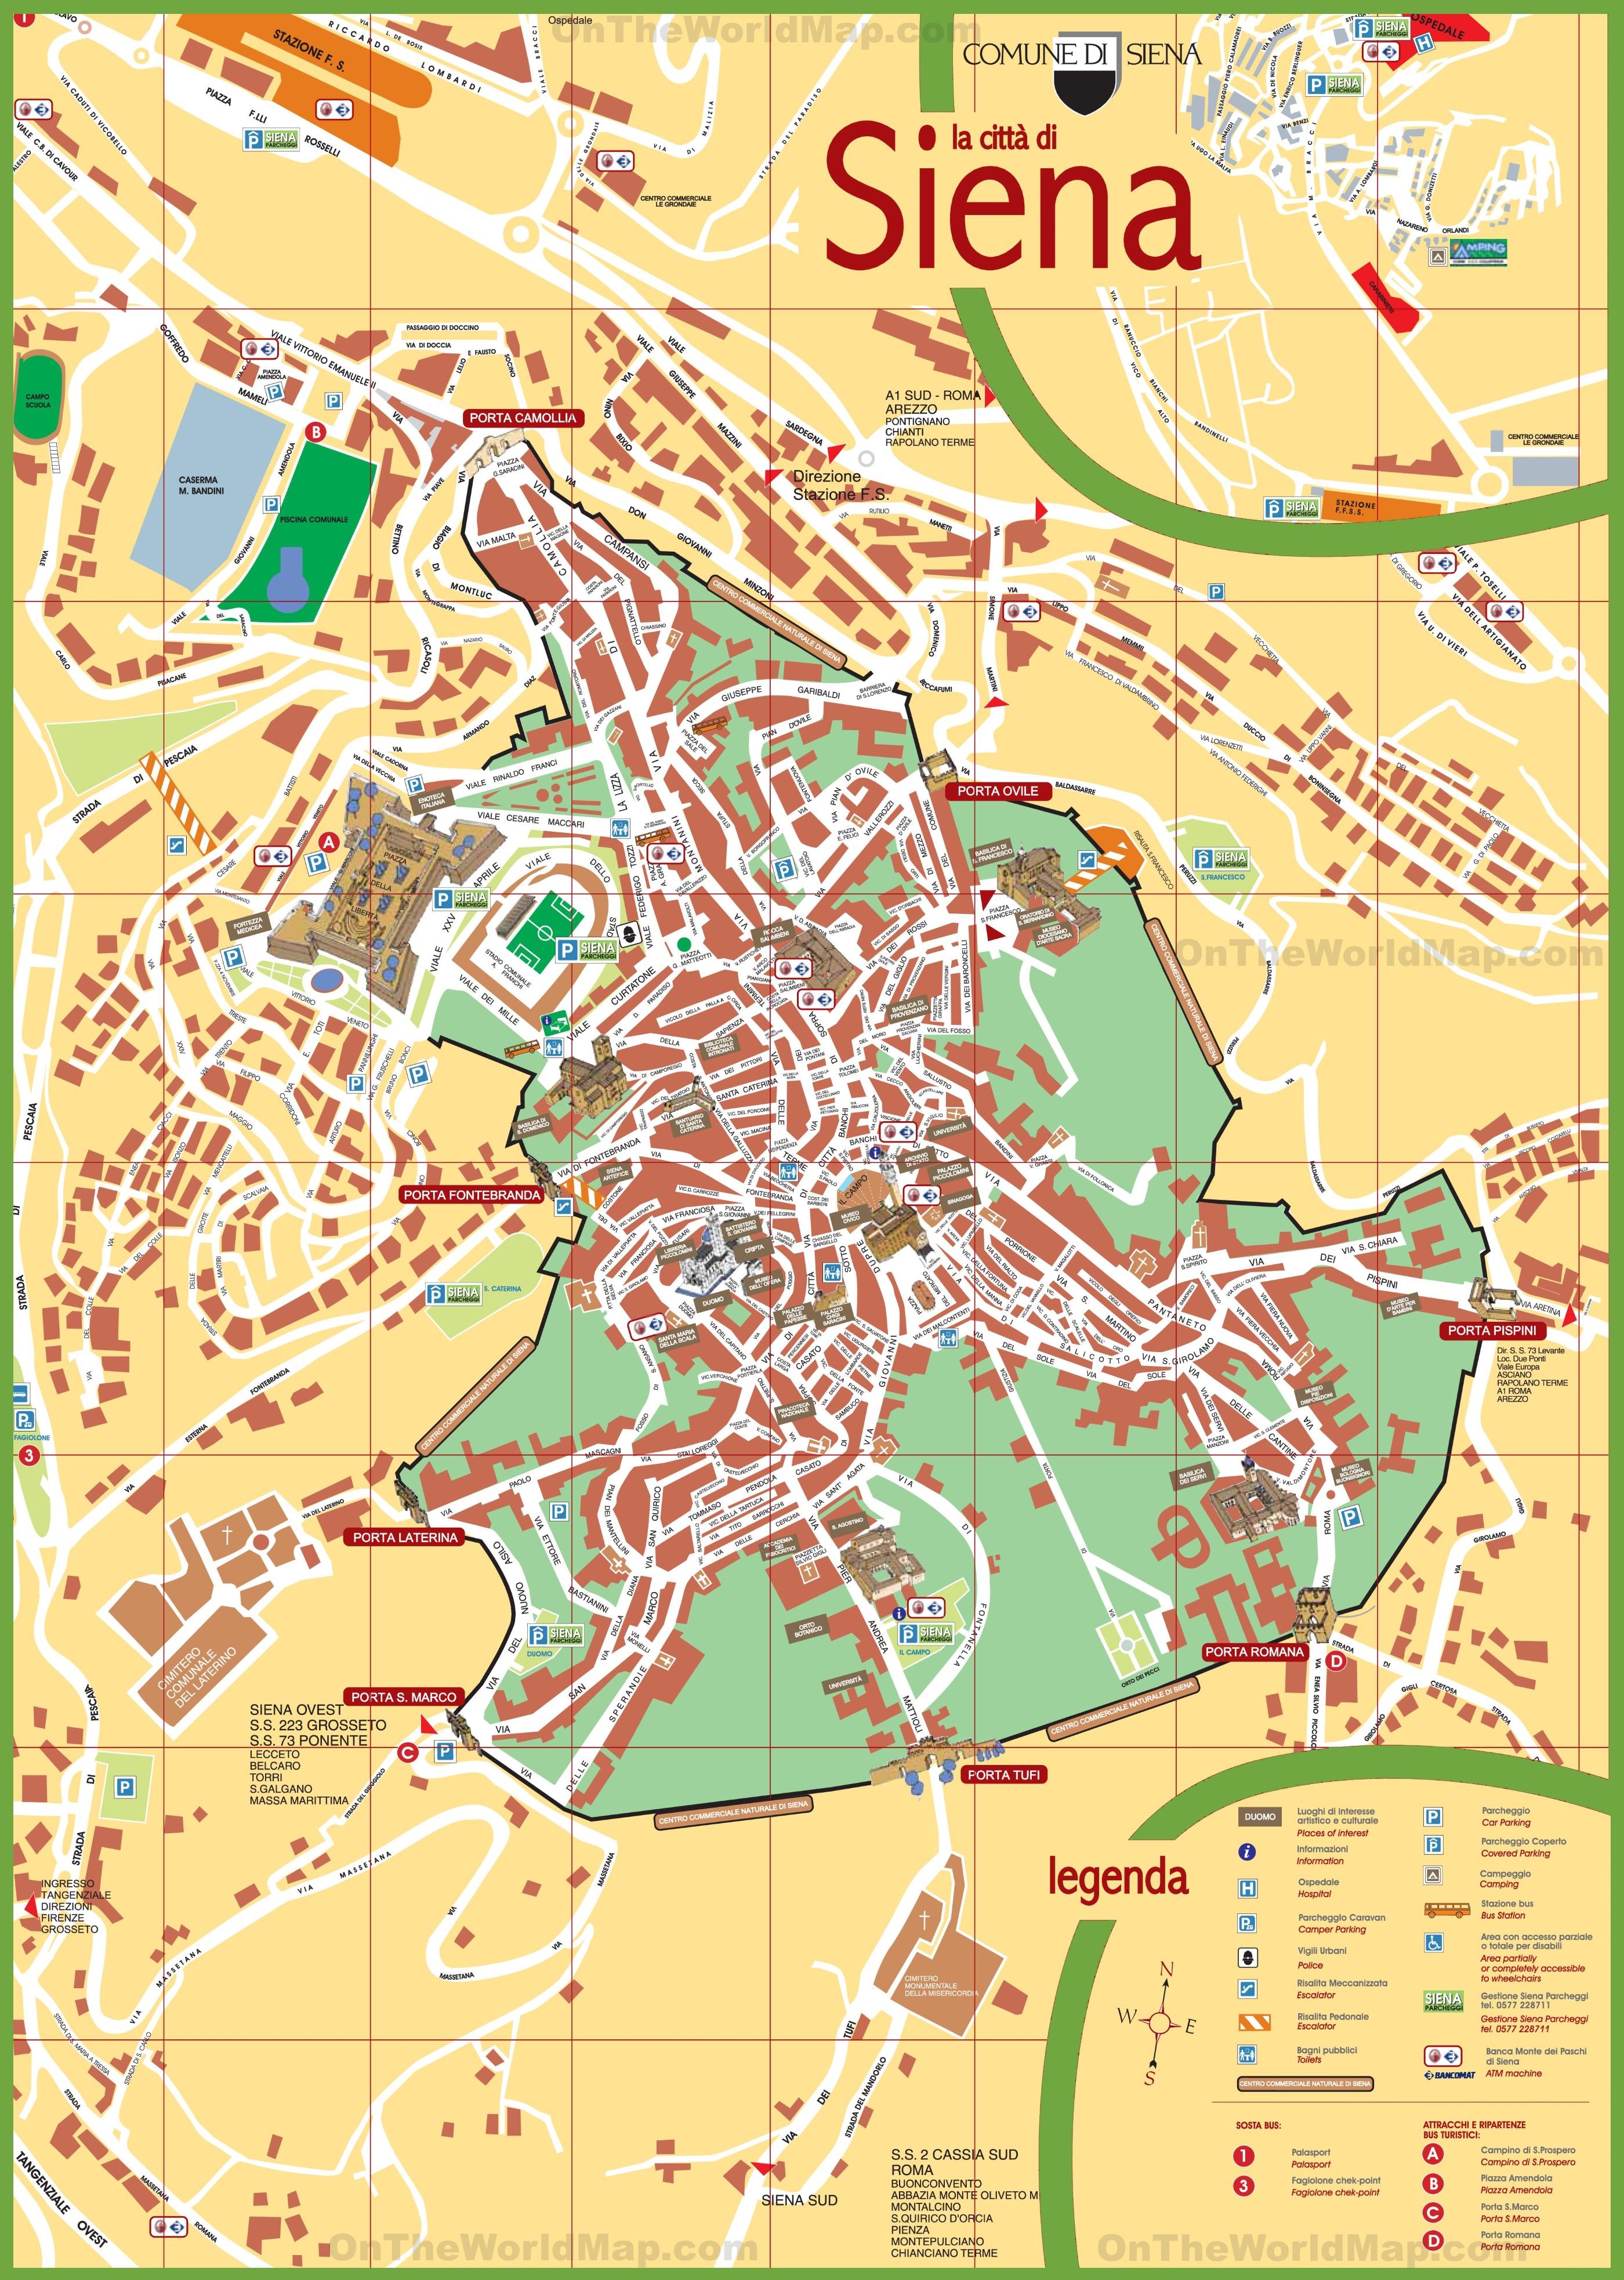 Siena Italy Map Siena tourist map